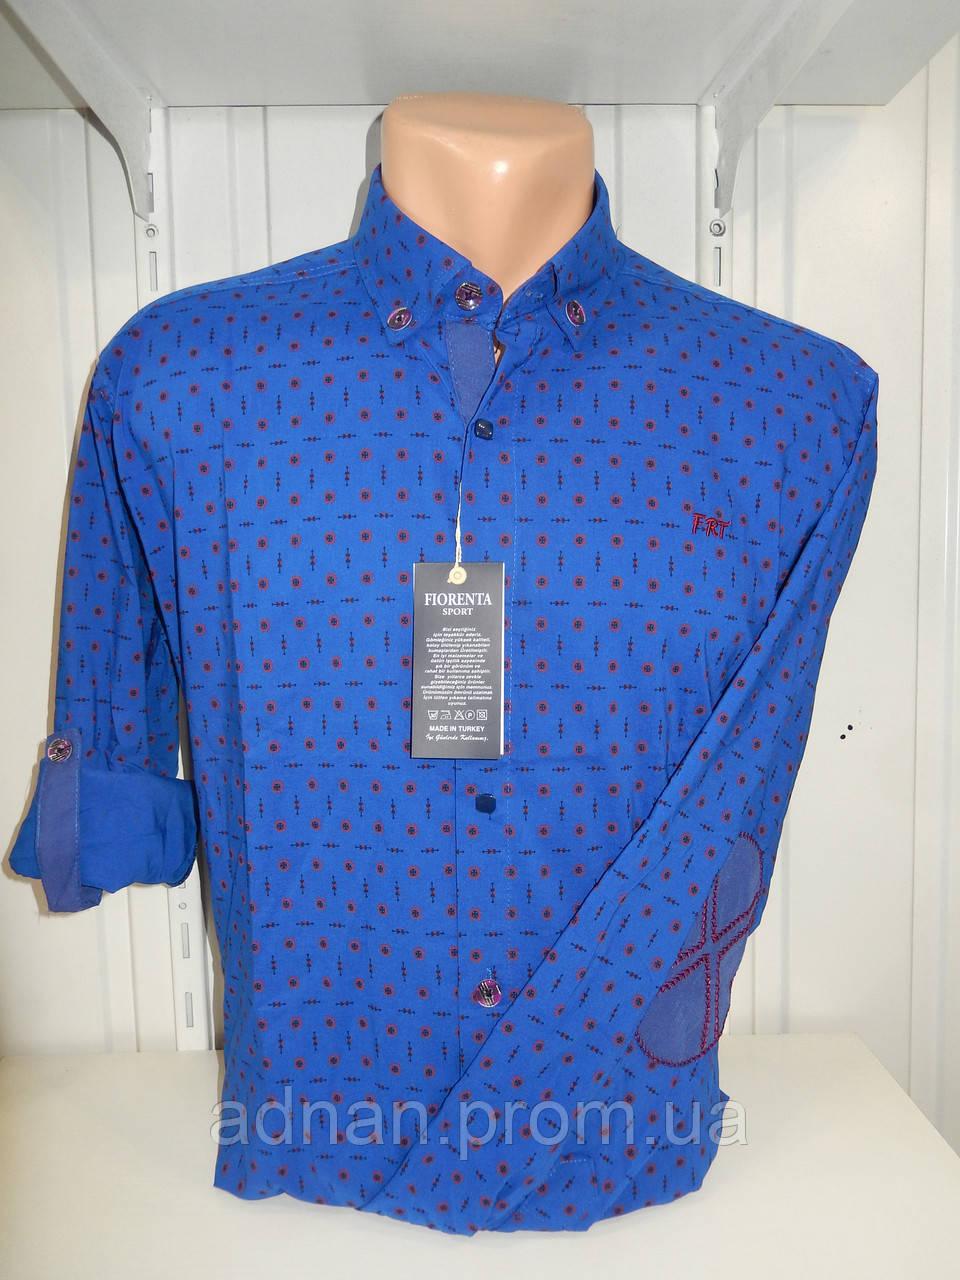 Рубашка мужская YG  длинный-короткий рукав, заклепки, налокотники, мелкий узор №01,08,04 002\ купить рубашку